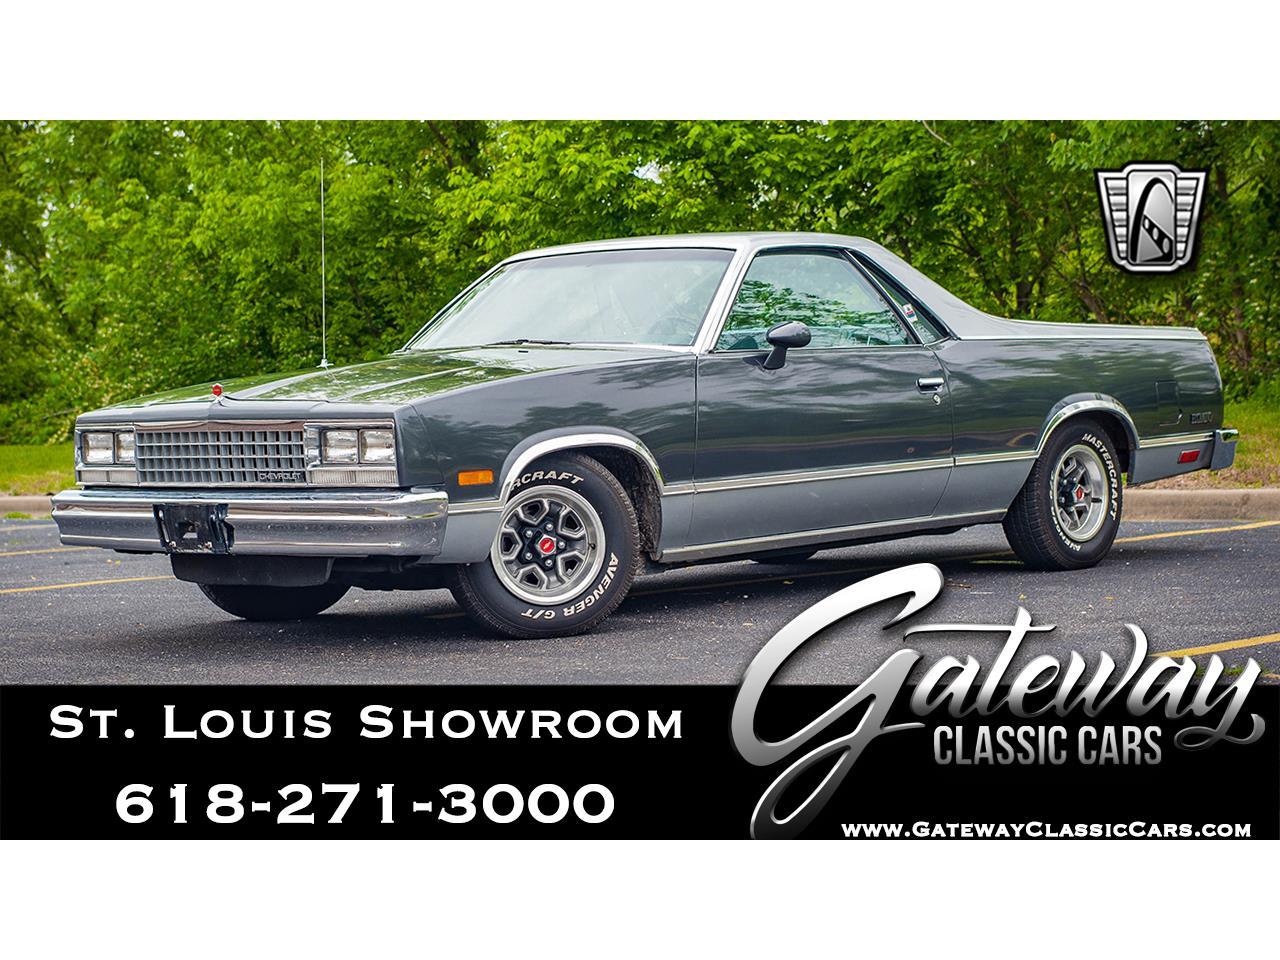 Large Picture of '82 El Camino located in O'Fallon Illinois - $13,000.00 - QB9A